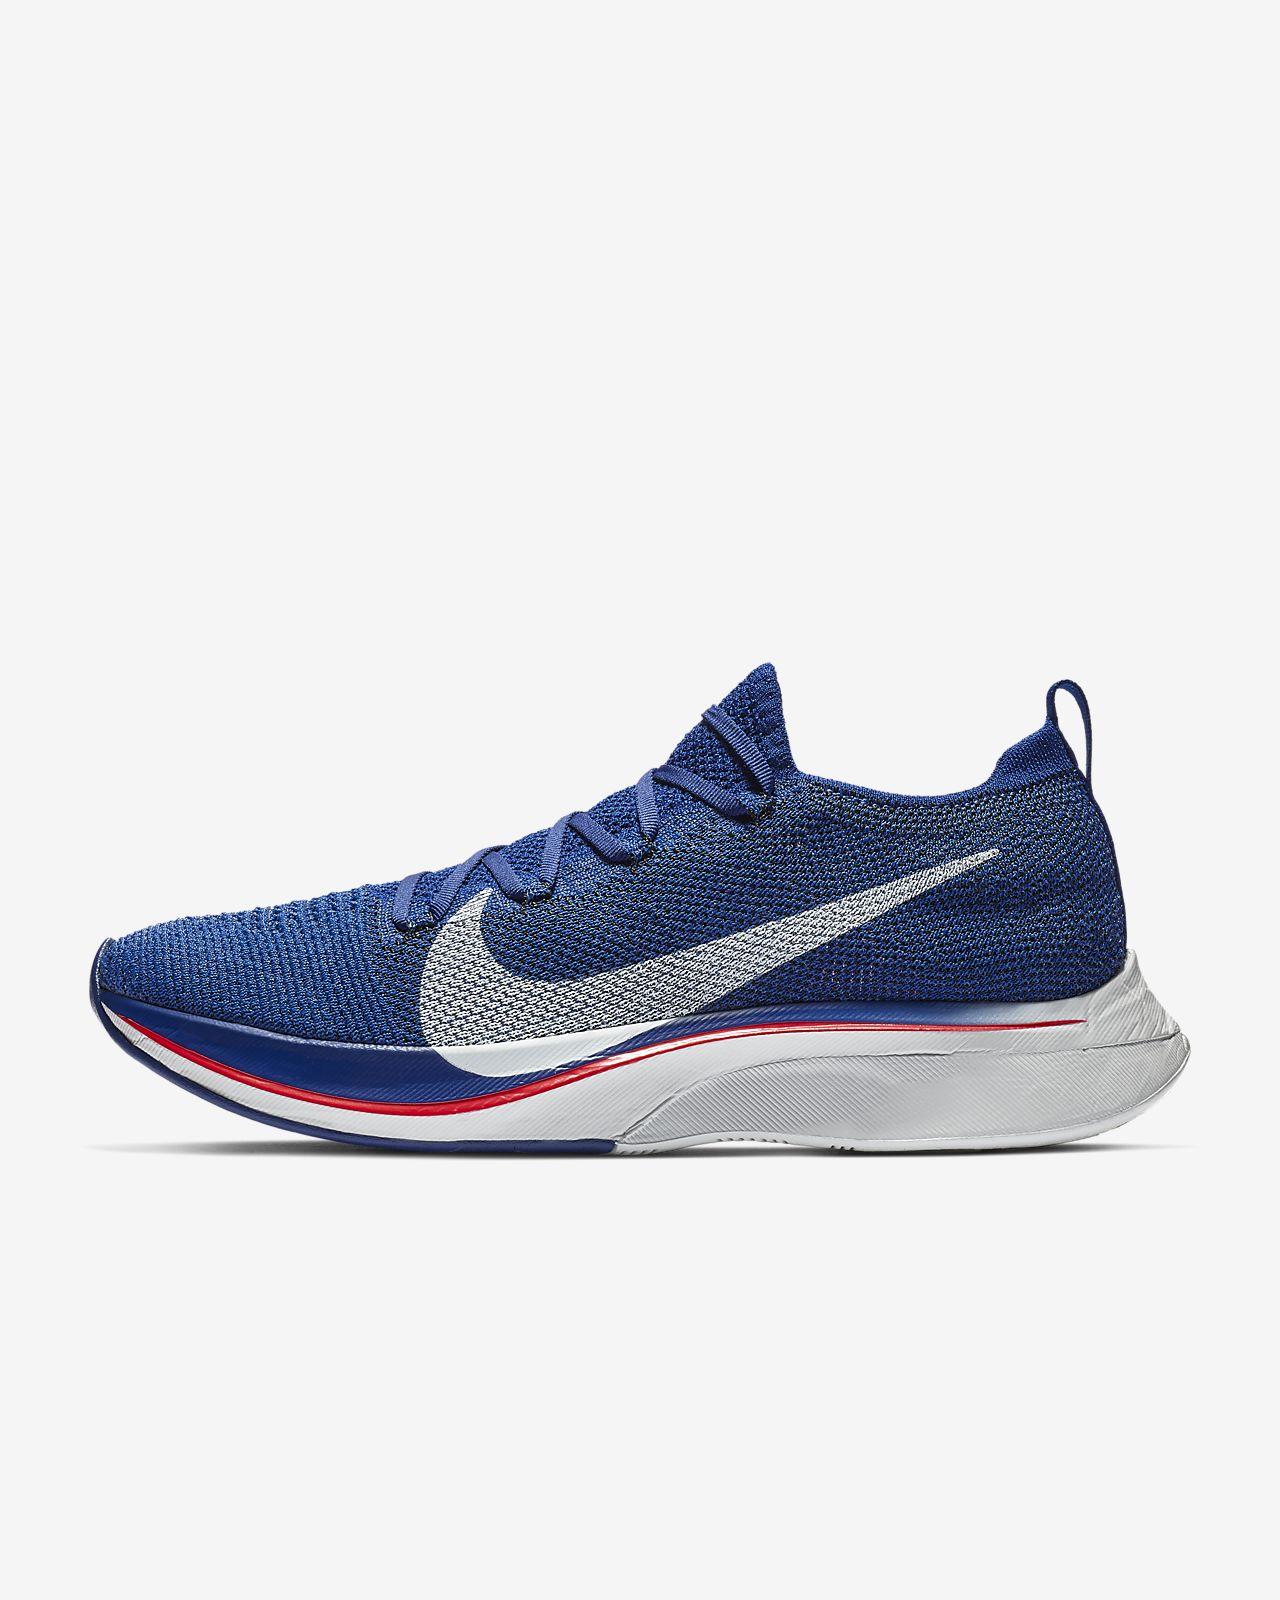 รองเท้าวิ่ง Nike Vaporfly 4% Flyknit